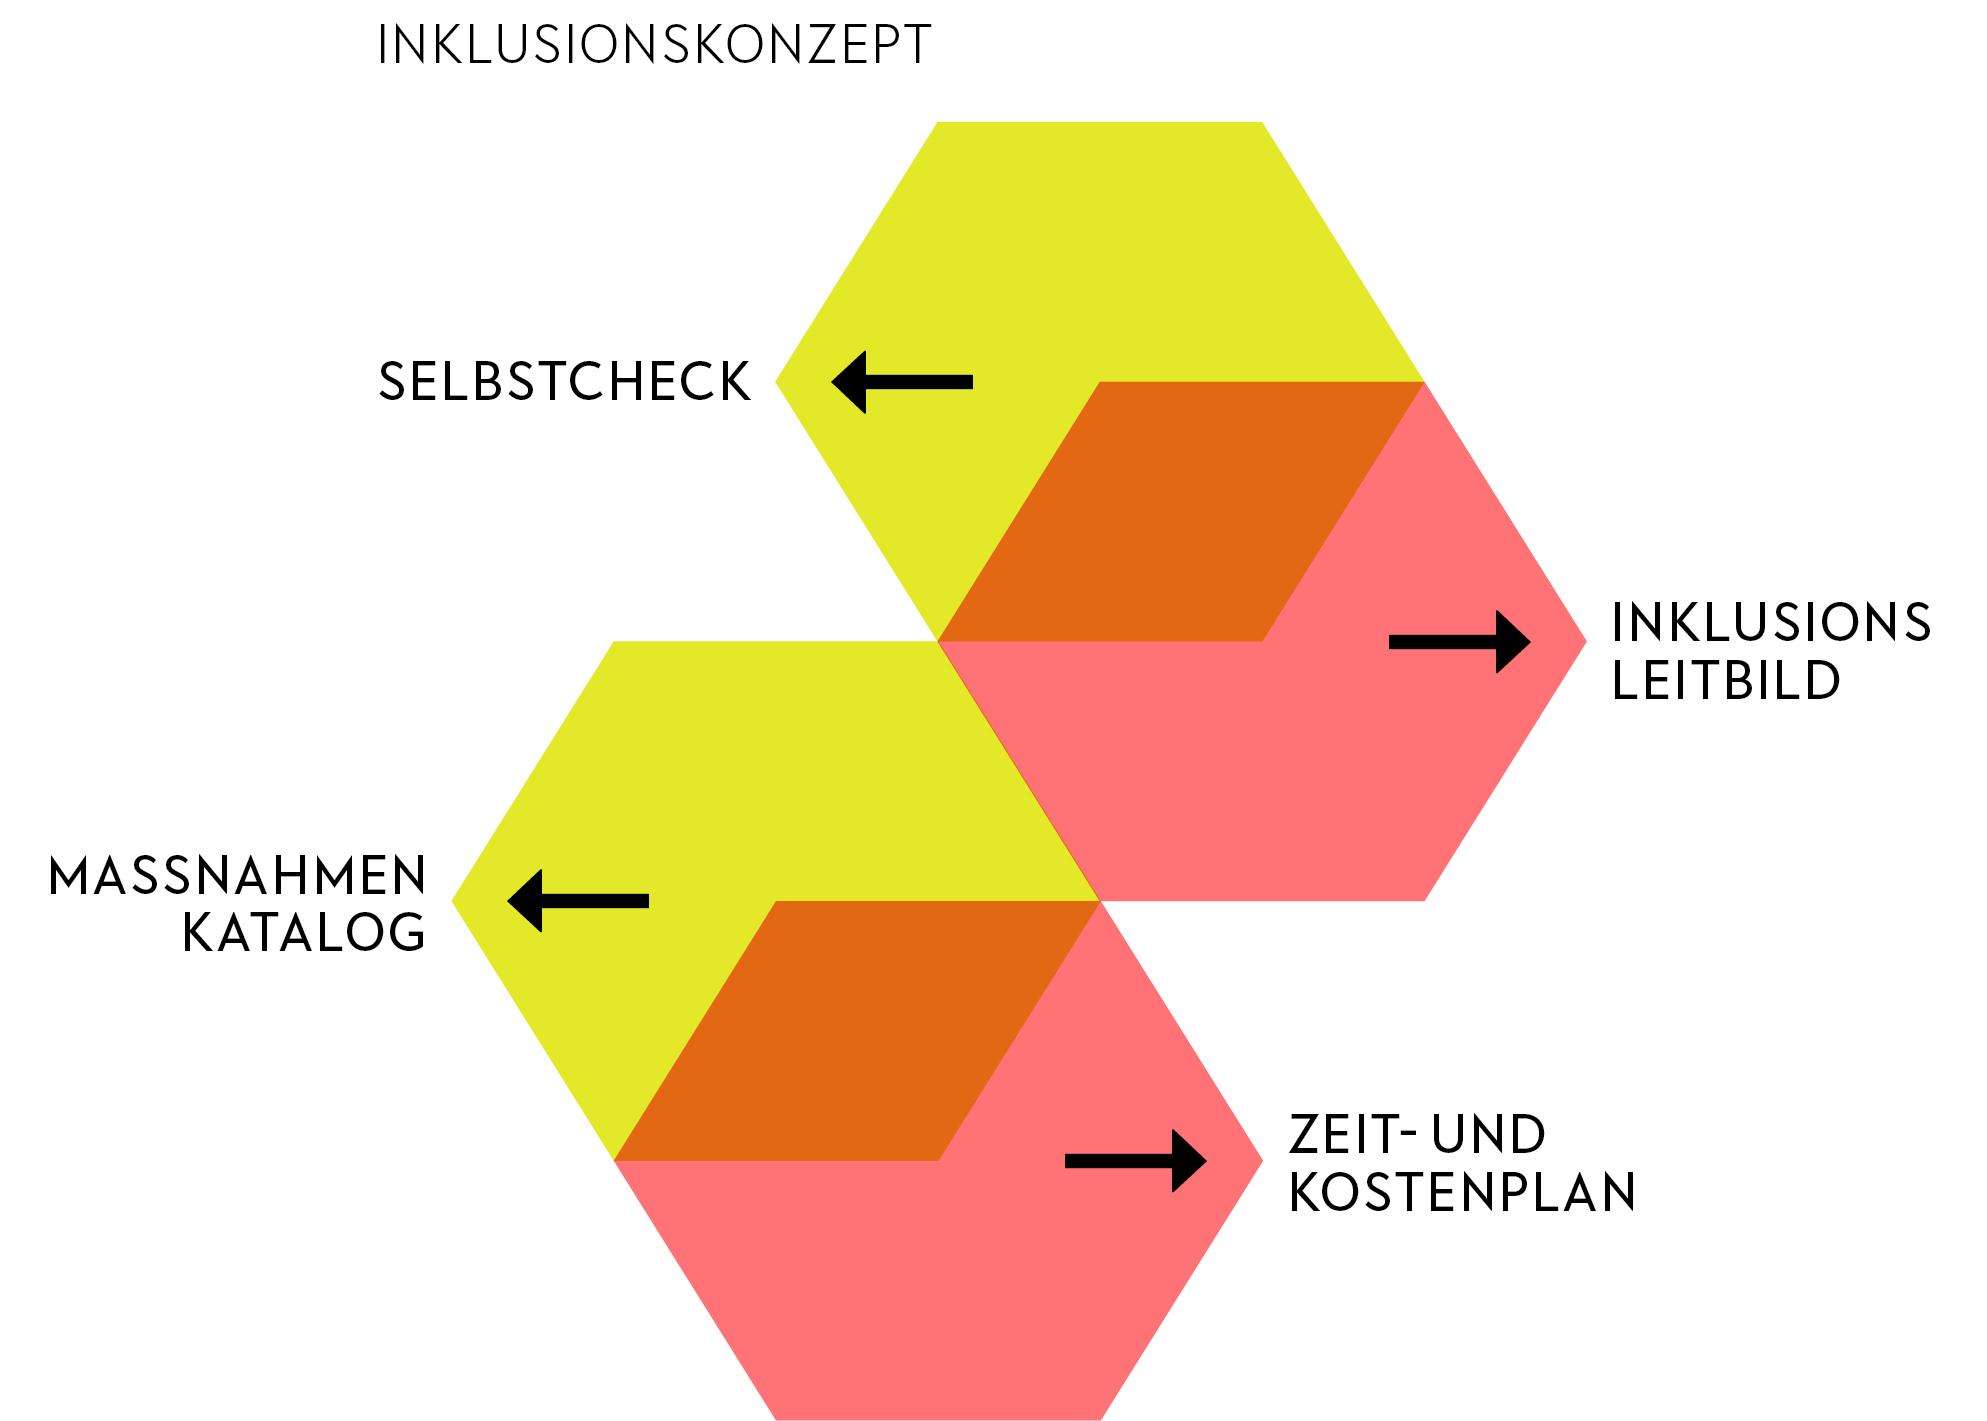 Die vier Bausteine eines Inklusionskonzeptes. (Grafik: srw studio, © INSEL+MEILE 2019)